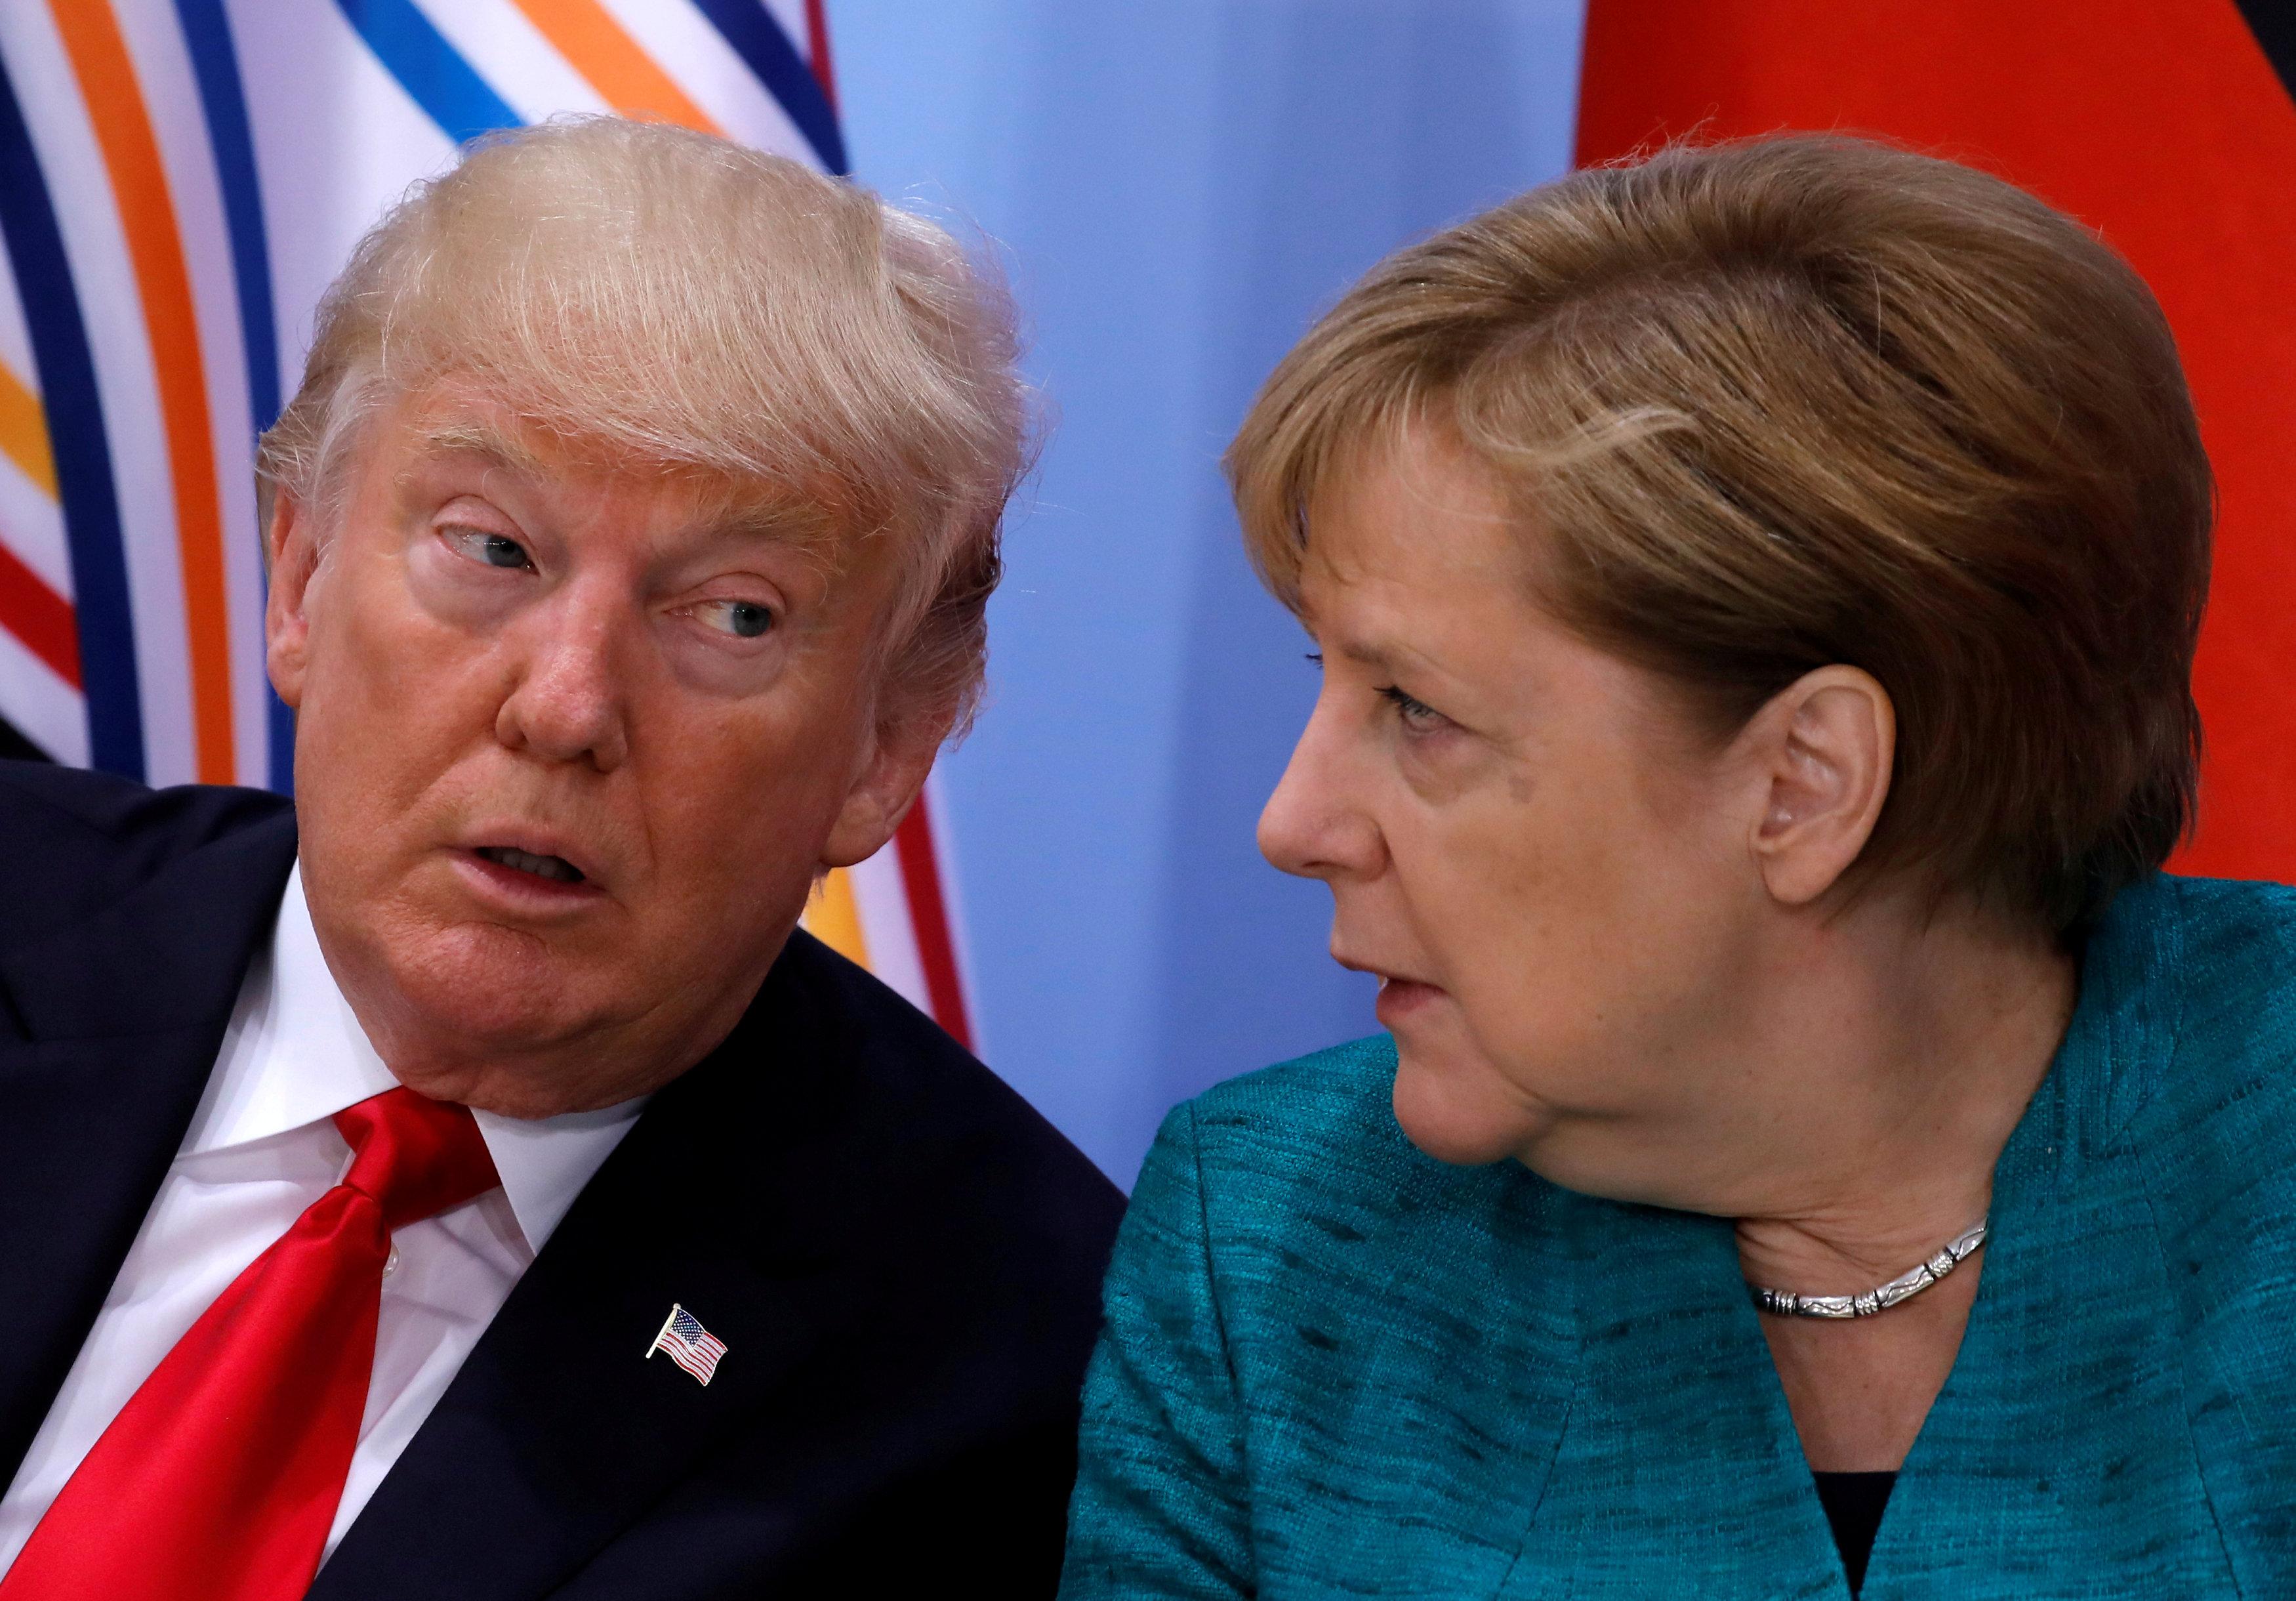 Μετά τον Μακρόν, η Μέρκελ αναλαμβάνει να «πιέσει» τον Τραμπ για δασμούς και Ιράν | tovima.gr